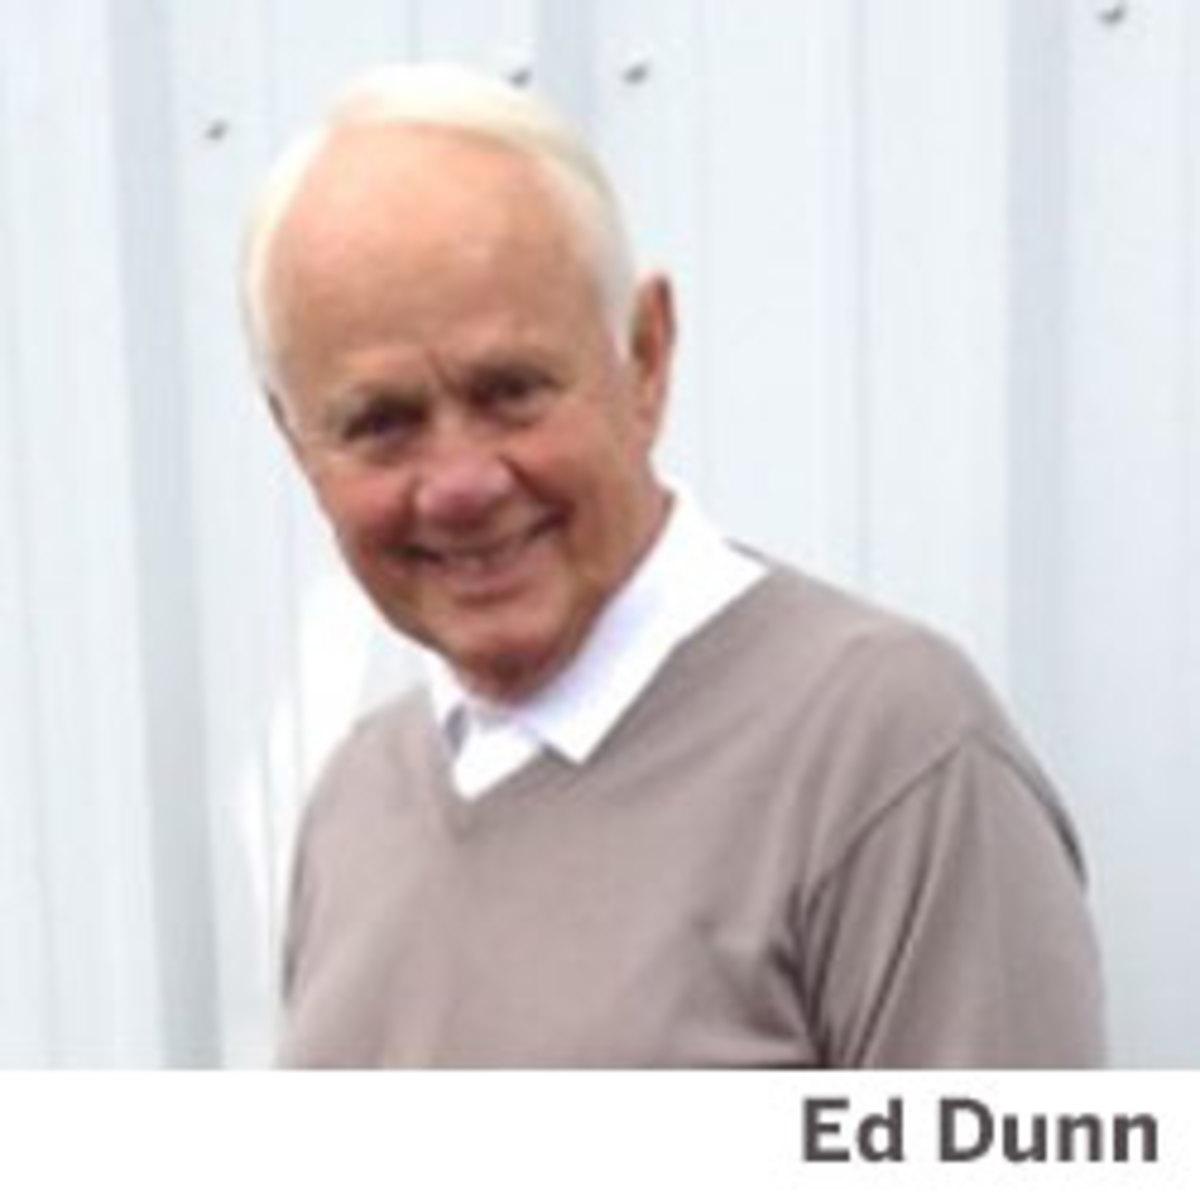 Ed Dunn